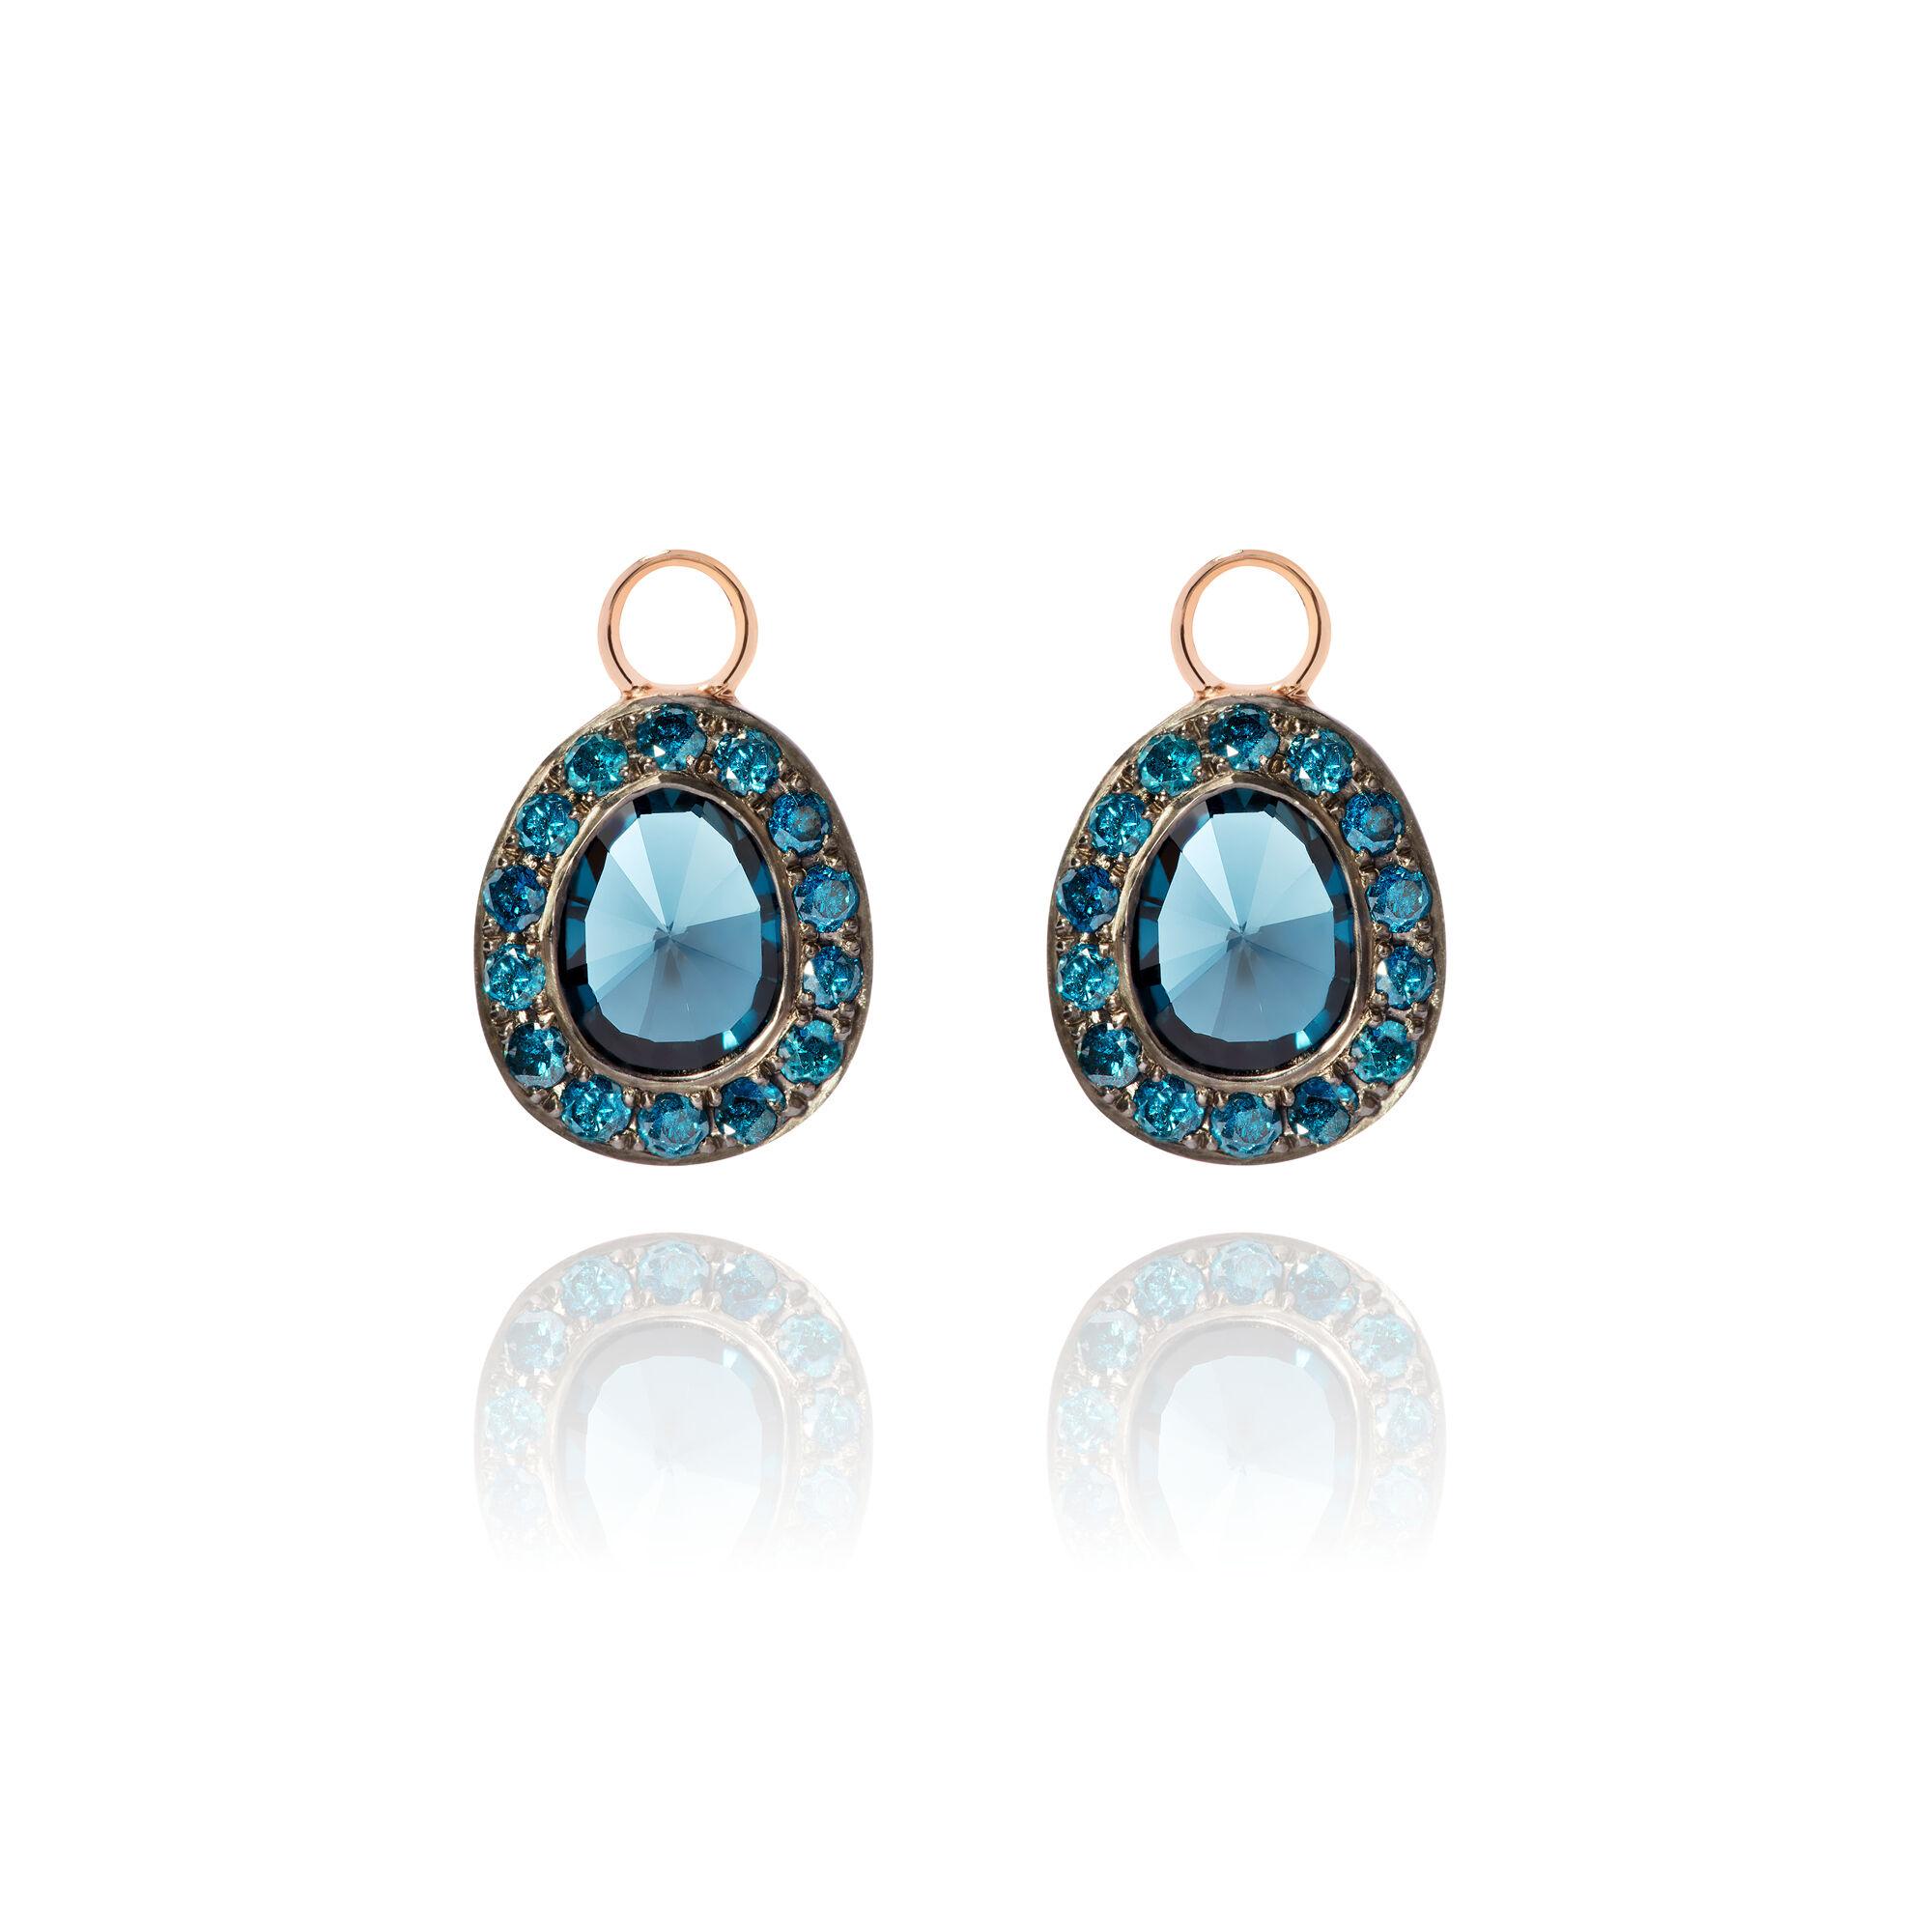 Dusty Diamonds 18ct Rose Topaz Earrings Annoushka Uk Annoushka Uk